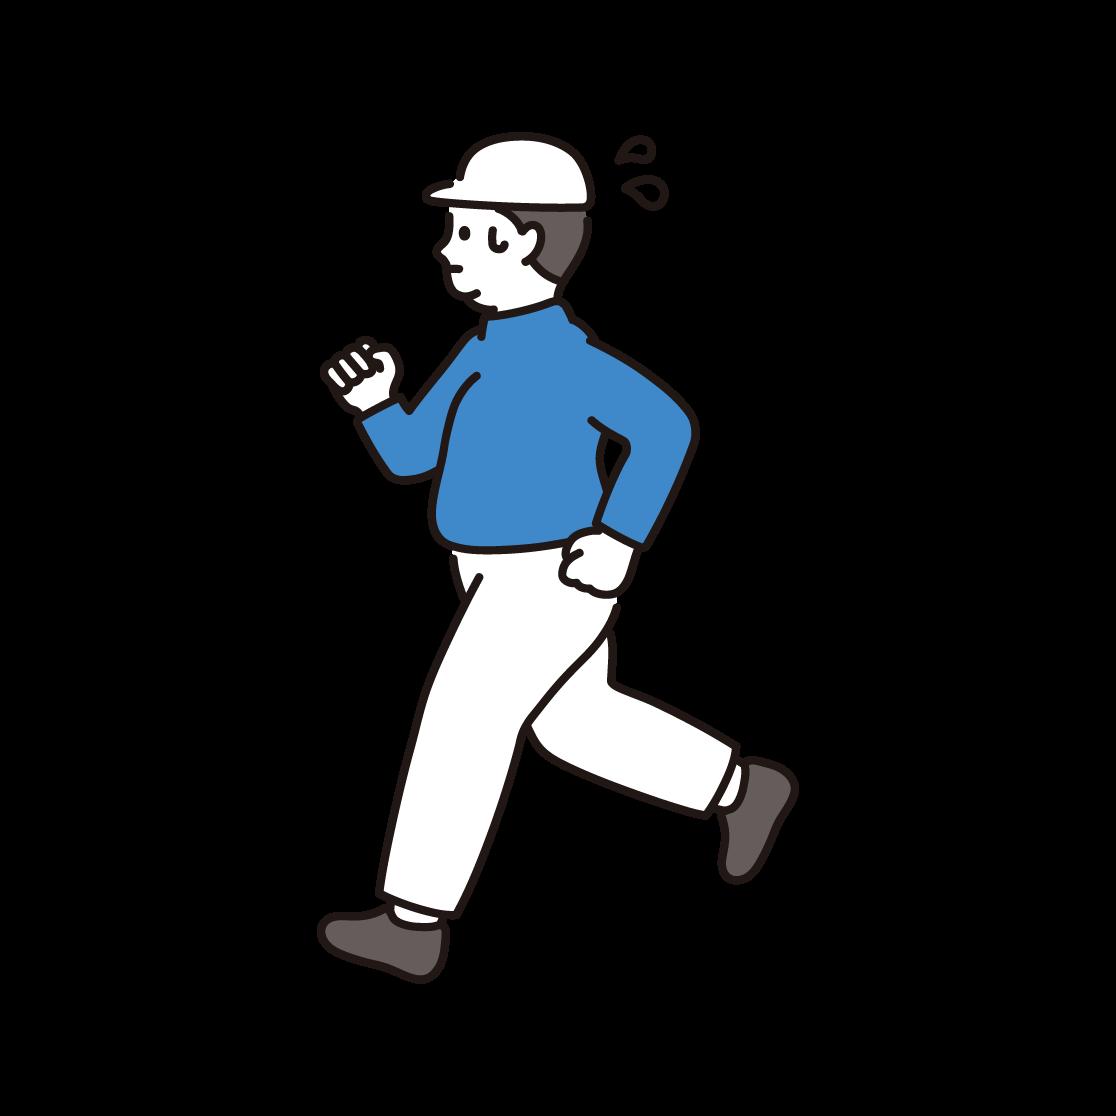 ジョギングをする男性のイラスト